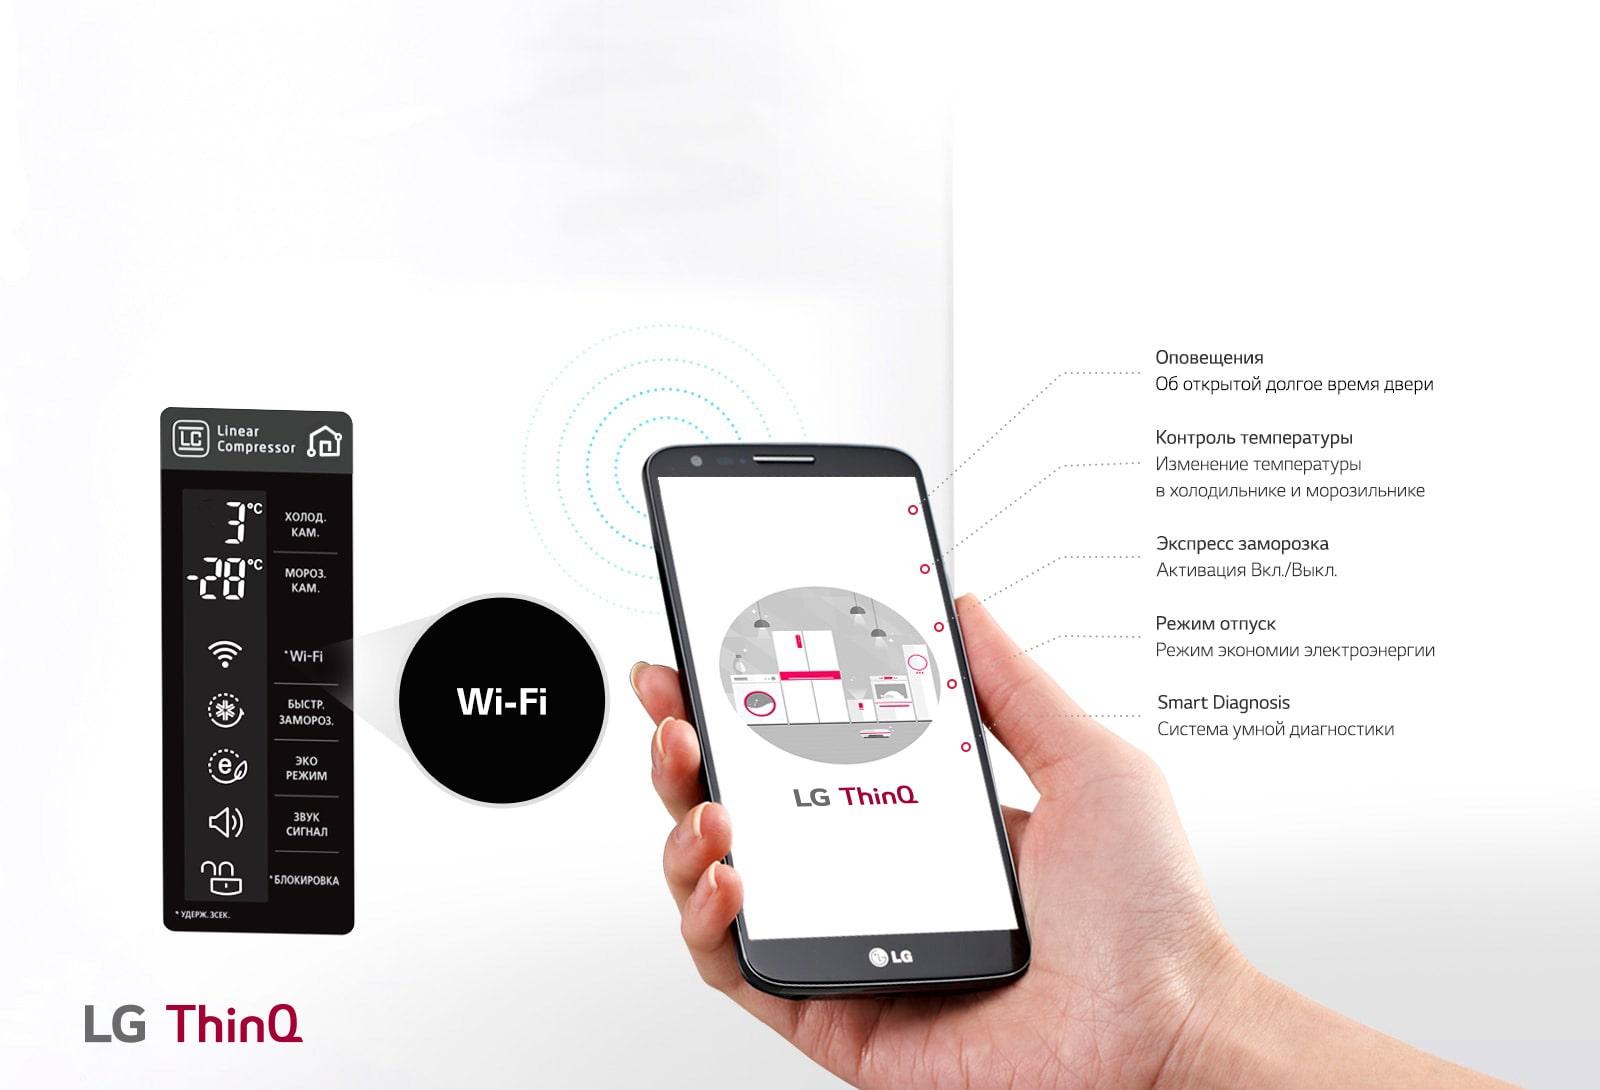 Wi-Fi c подключением к LG ThinQ1